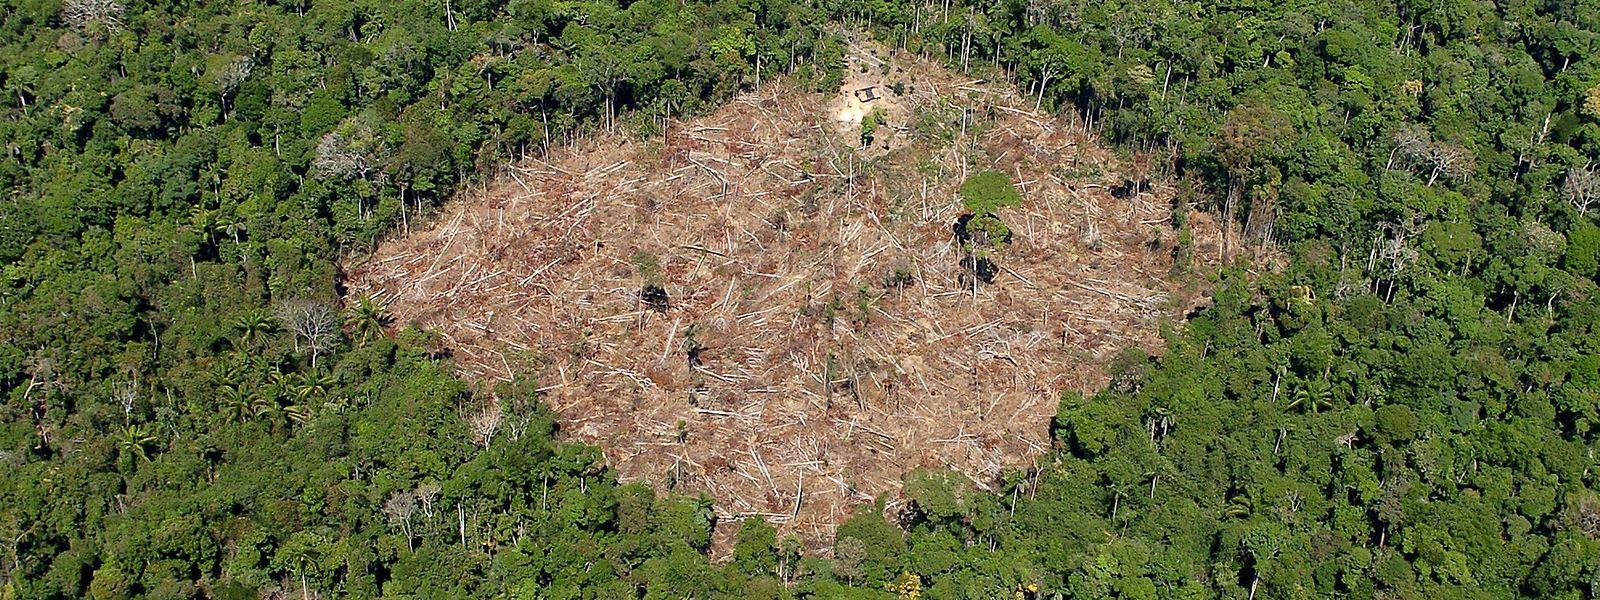 Vor allem der Regenwald ist von den Plänen der neuen Regierung unter Jair Bolsonaro bedroht: Bolsonaro will eine asphaltierte Straße mitten hindurch bauen lassen.